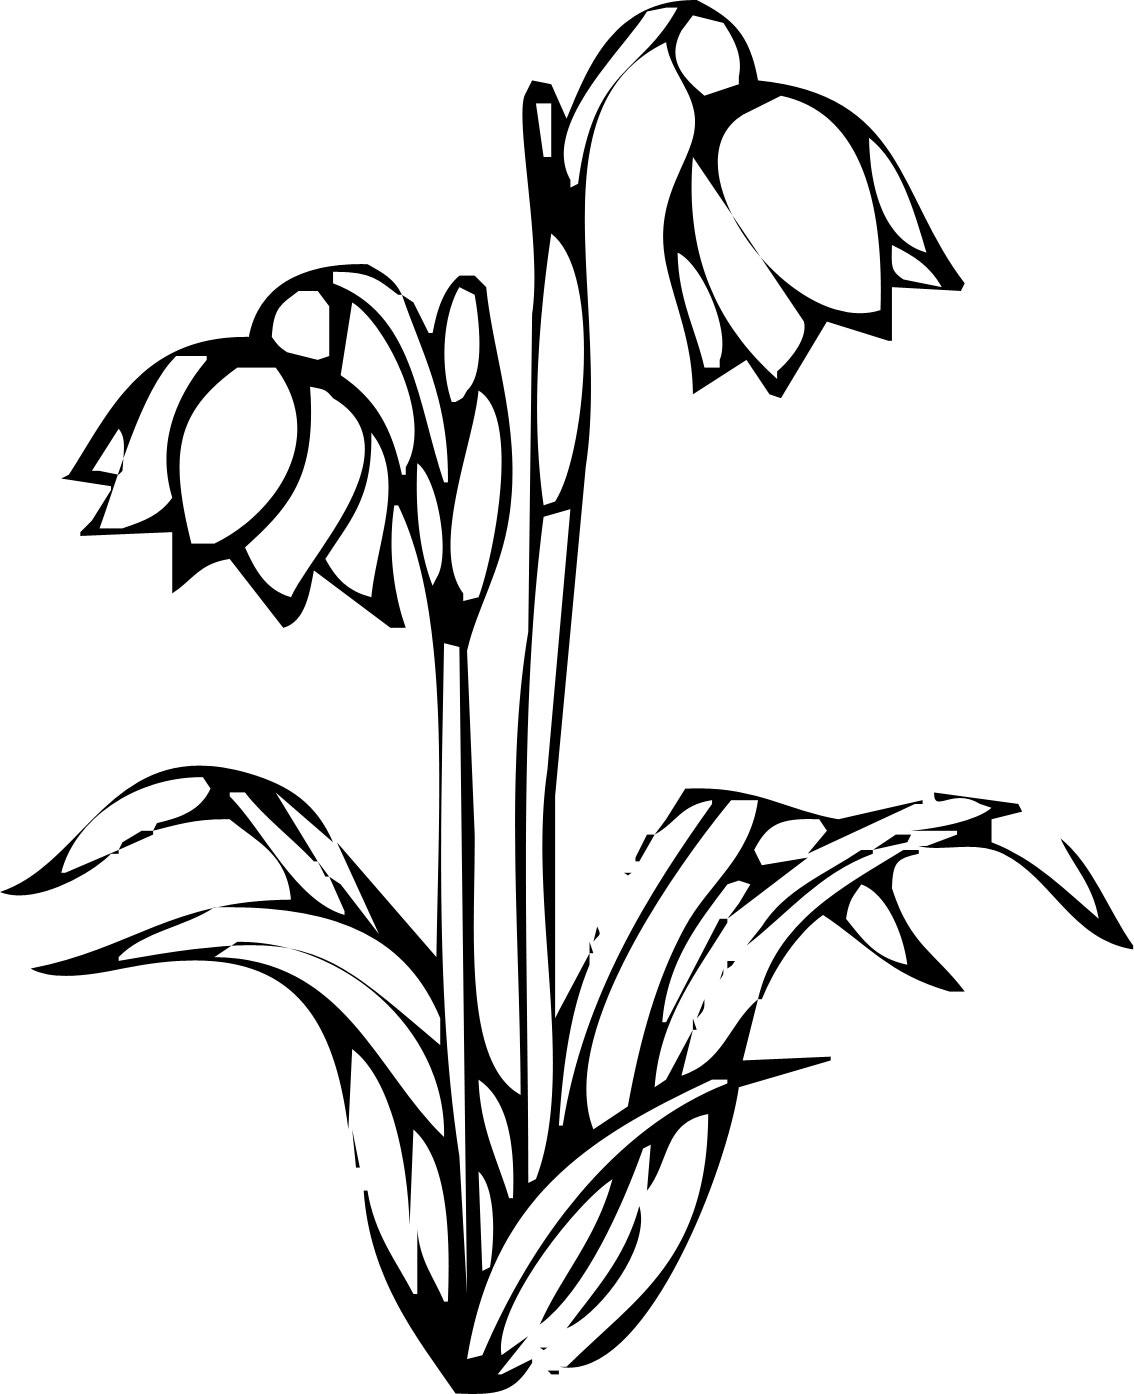 リアルな花のイラスト フリー素材 白黒 モノクロno 2129 白黒 切り絵風